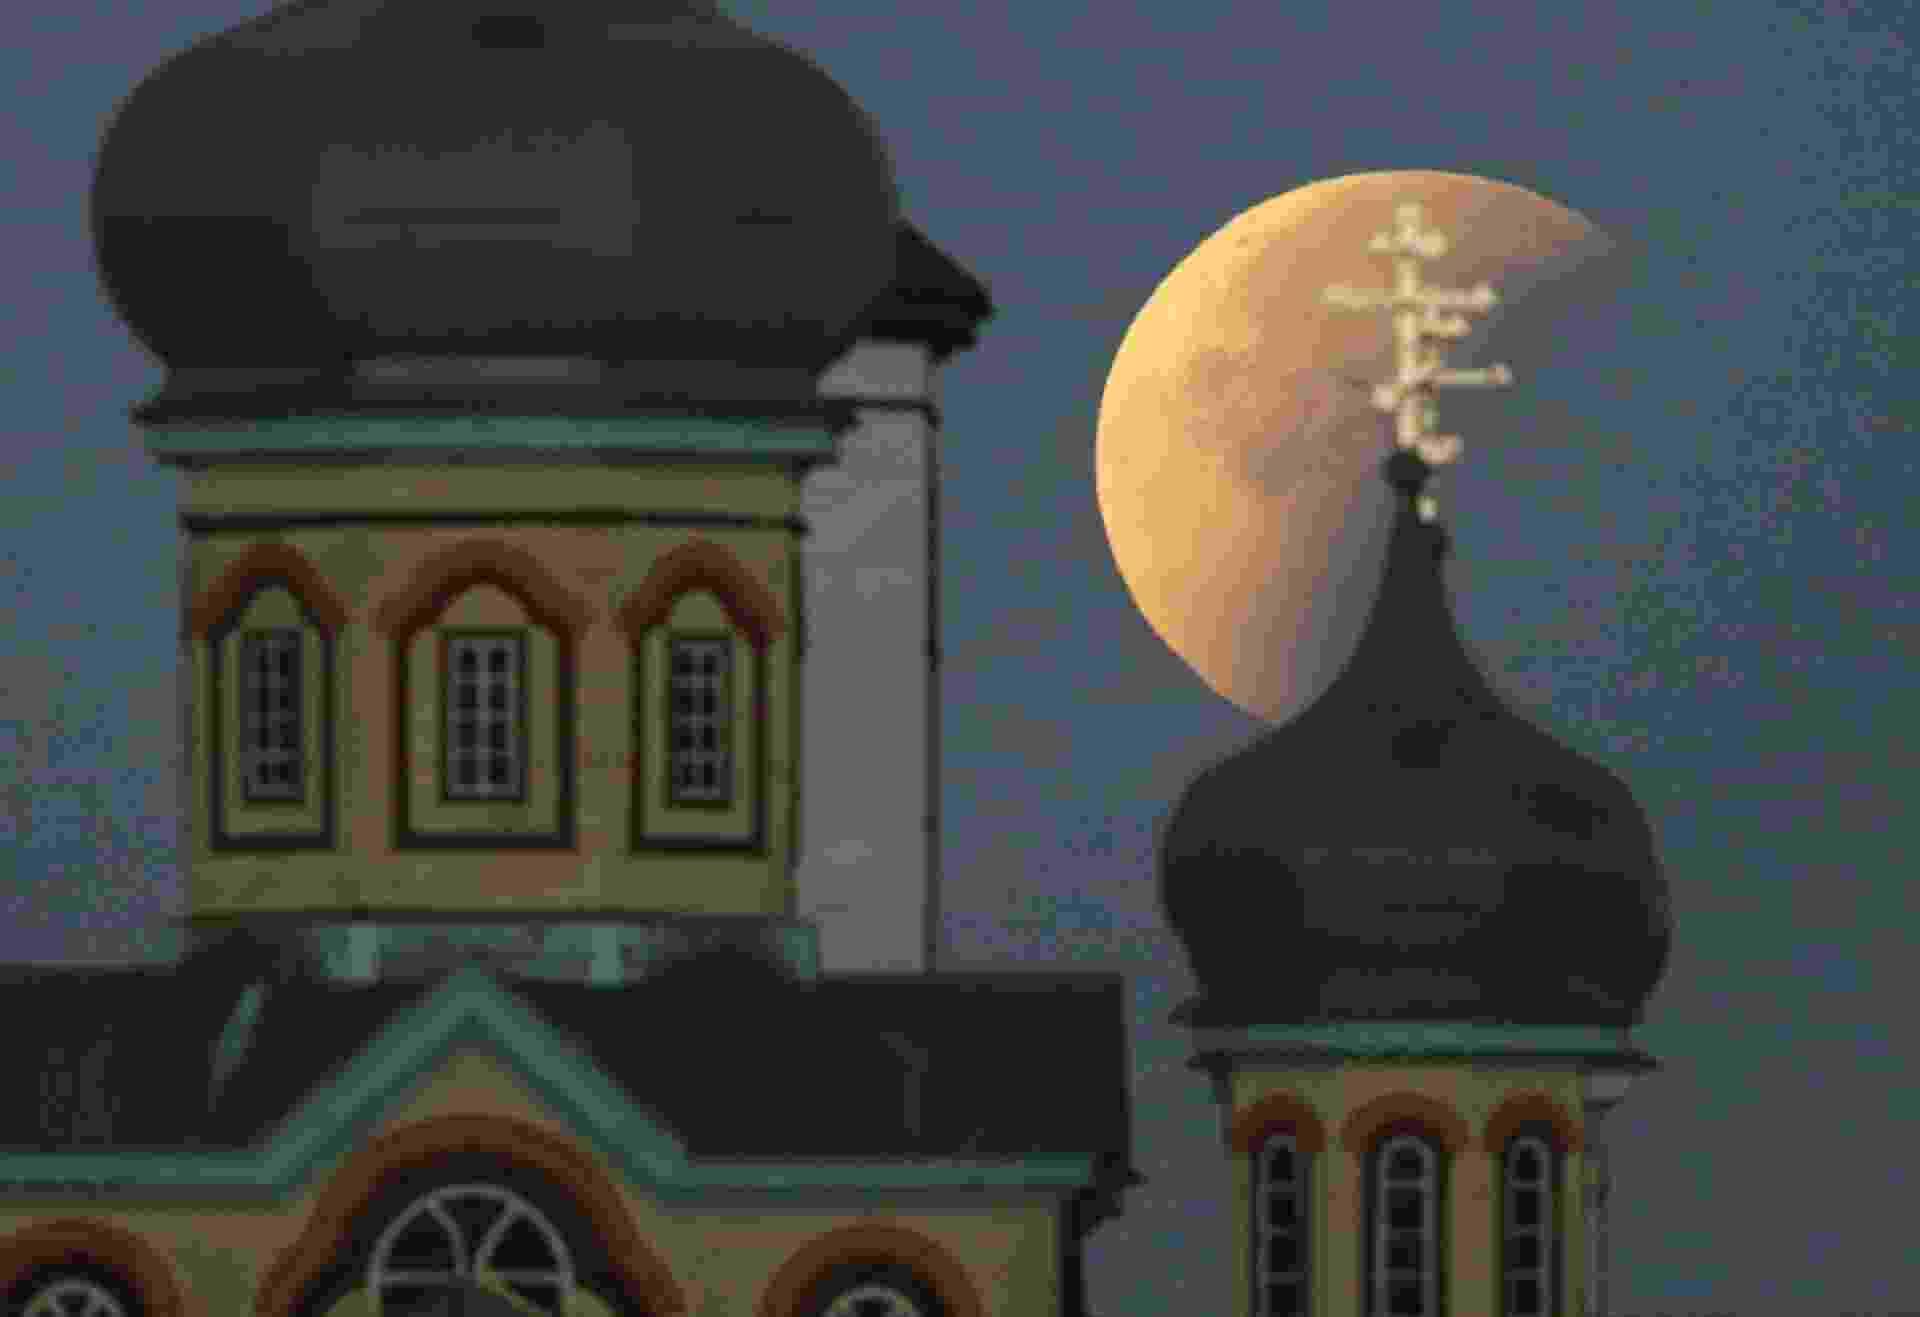 28.set.2015 - A Superlua durante o eclipse em Turets, Belarus. A combinação de fenômenos, que não ocorria desde 1982, só voltará a acontecer em 2033 - Tatyana Zenkovich/EFE/EPA